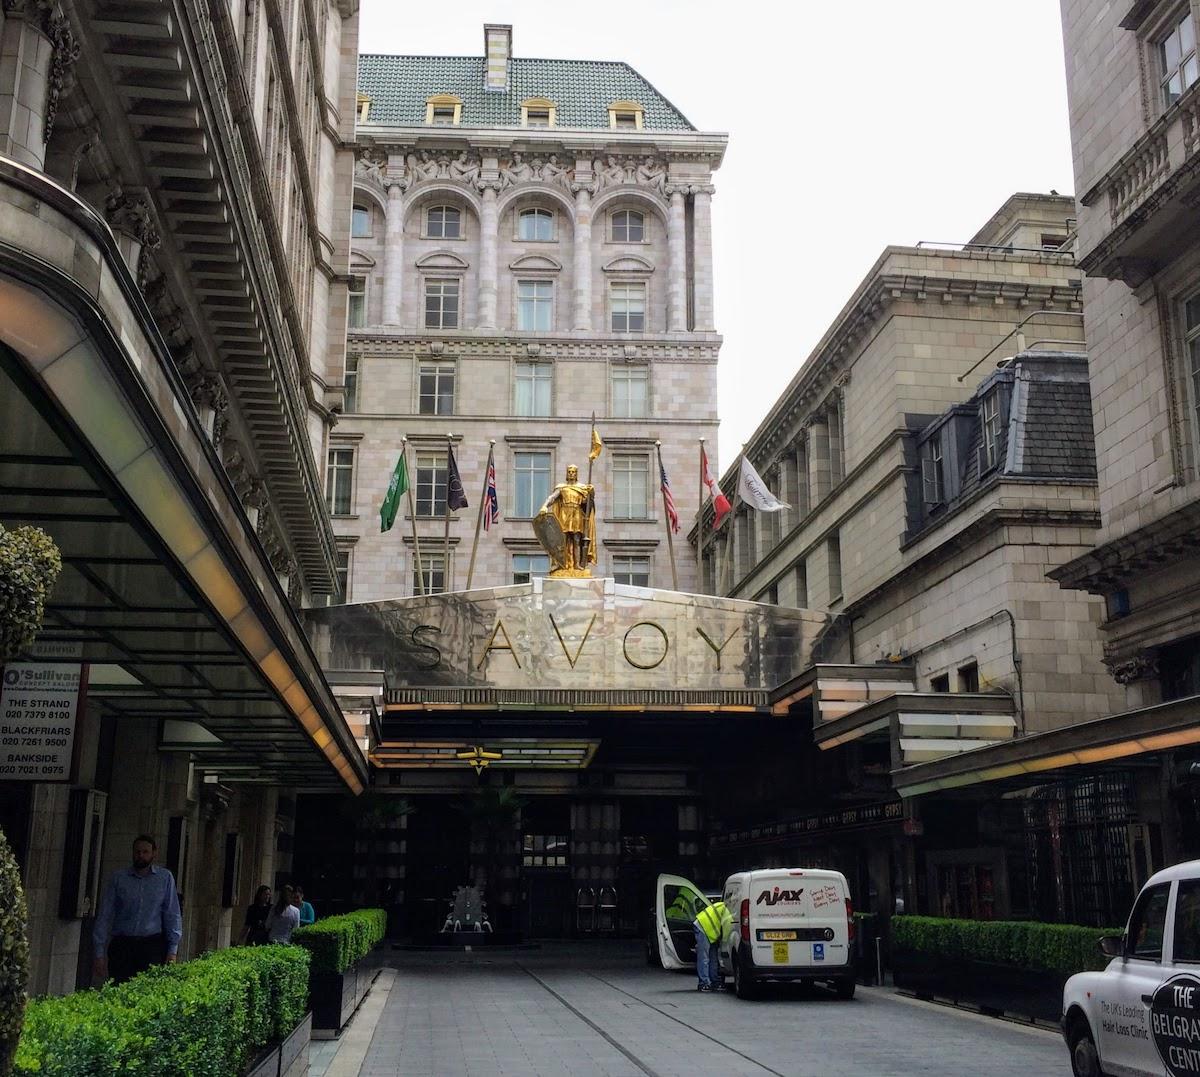 サヴォイ Hotel The Savoy